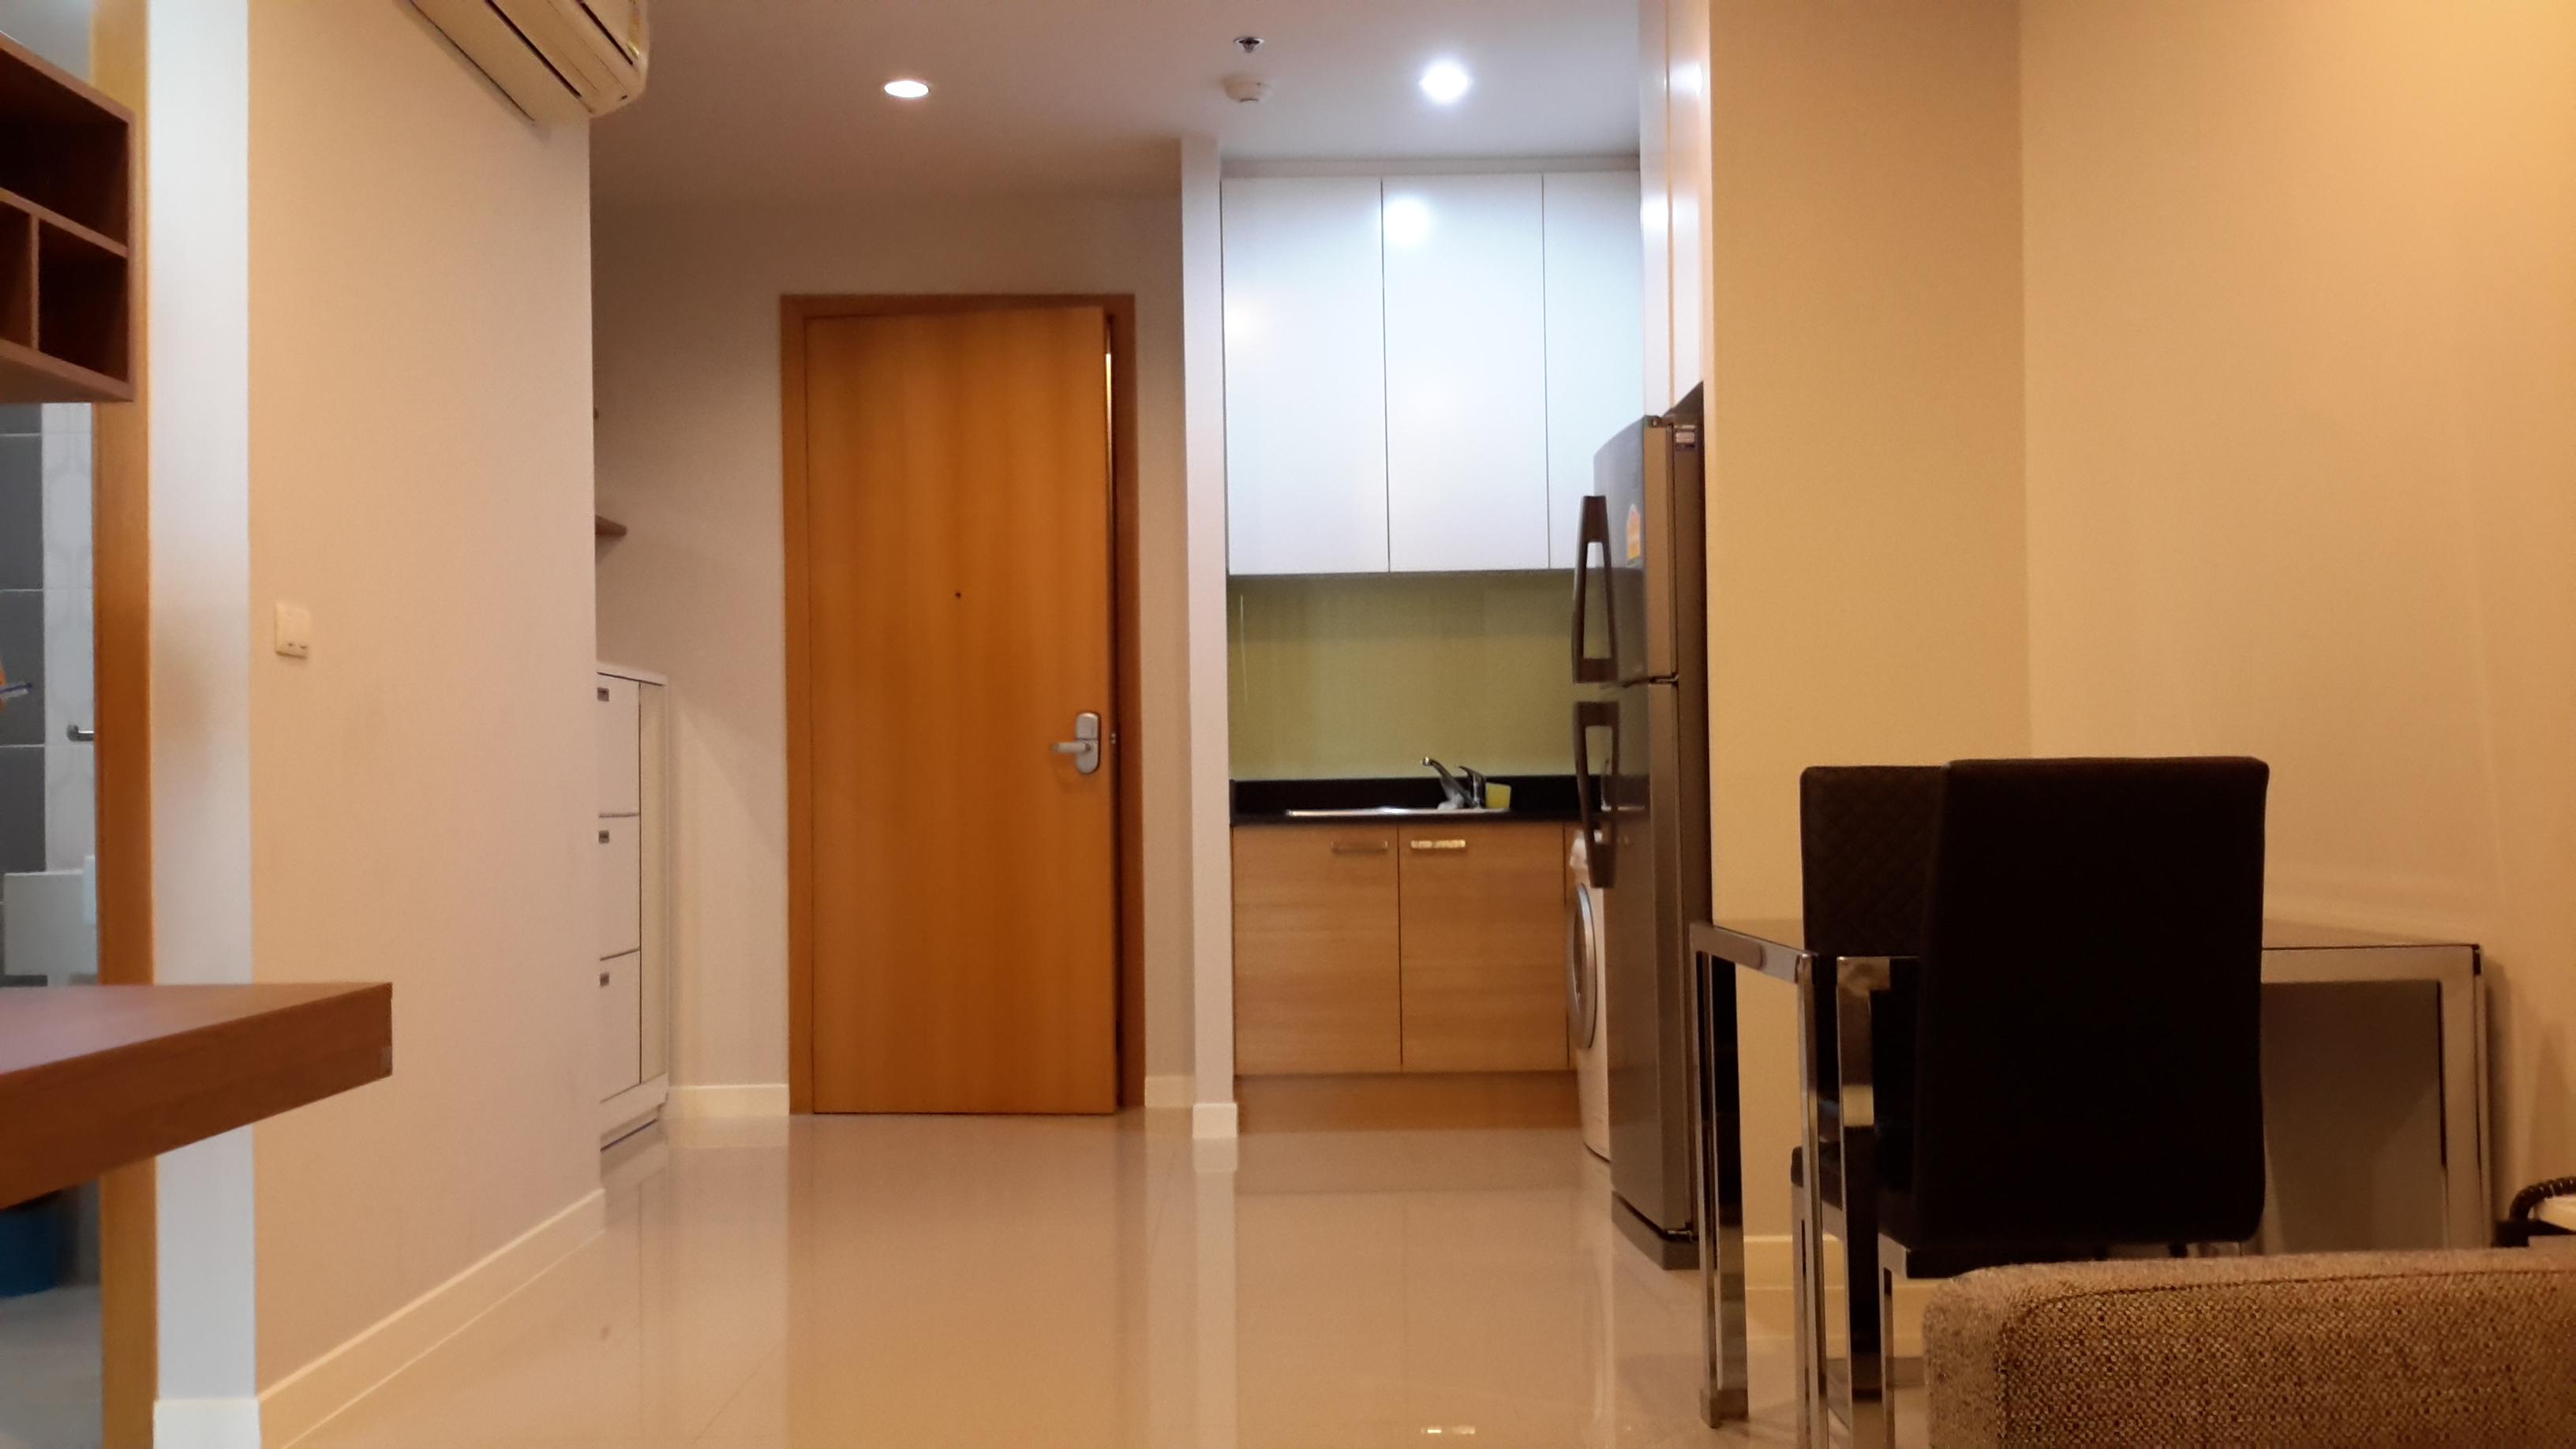 RE/MAX All Star Realty Agency's One Bedder (48sqm) at Circle Condo for Rent – walk to BTS Nana, ARL Makkasan, MRT Petchaburi 5